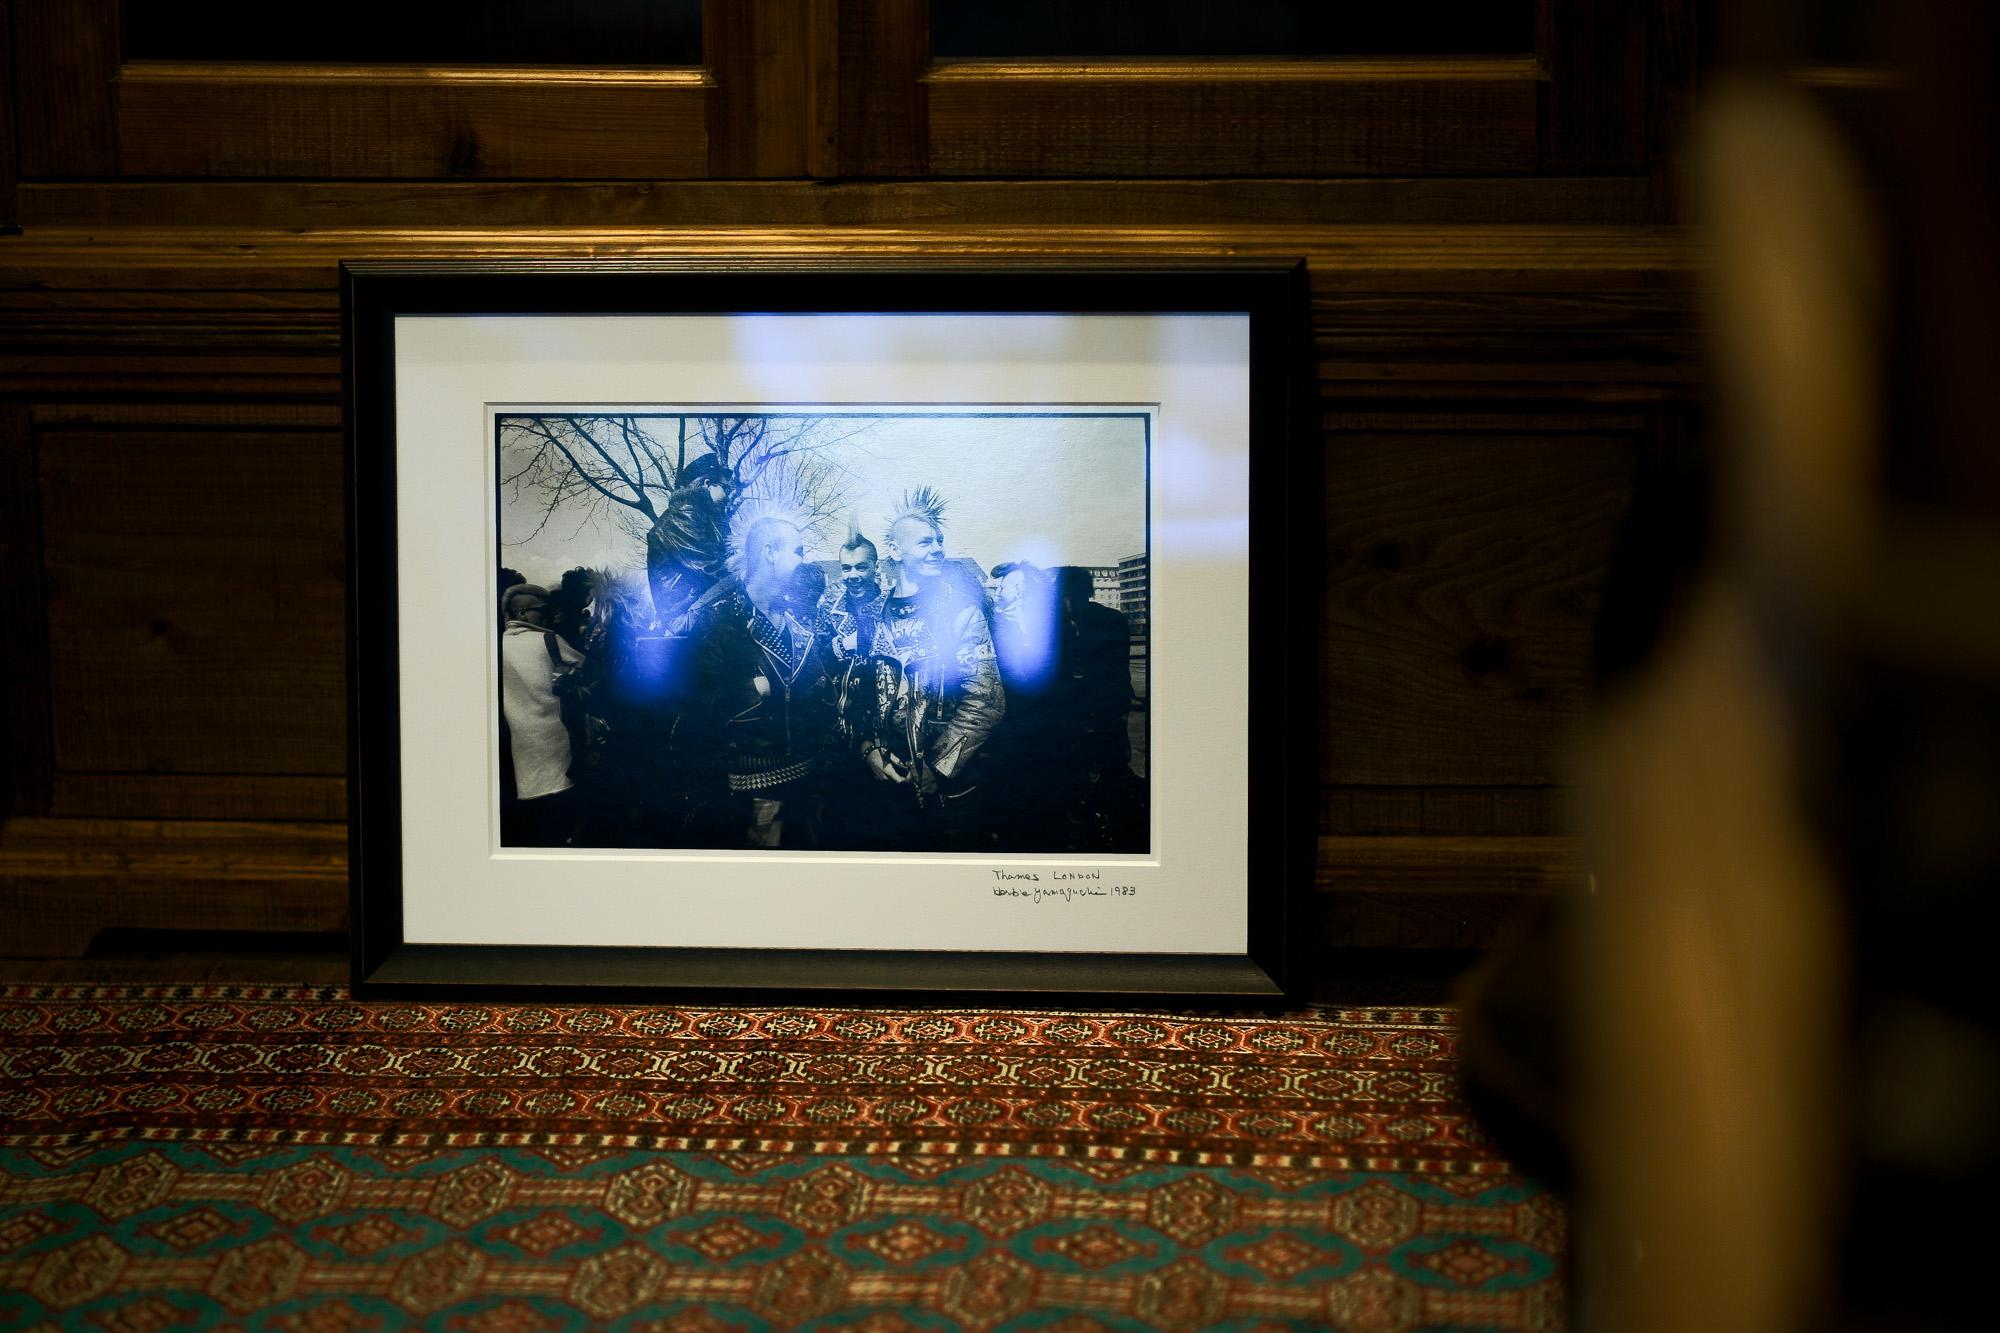 「9.21(tue)」,「9.22(wed)」 お休みとなります Thames LONDON / HERBIE YAMAGUCHI 1983 テムズ川 ロンドン ハービー山口 1983年 イギリス England イングランド 写真家 写真 Not Banksy ノットバンクシー BANKSY バンクシー 我々の敵はあなたの敵じゃない   共に生きよう LEICA // APO-SUMMICRON-M f2/35mm ASPH. ライカ アポ・ズミクロンM f2/35mm ASPH. 愛知 名古屋 Alto e Diritto altoediritto アルトエデリット 世界最高峰のレンズと称賛され続けているライカMレンズにおいて、アポ・ズミクロンM f2/35mm ASPH.もそのMレンズの名にふさわしい優れた性能を誇ります。さらに、アポ・ズミクロンMシリーズのレンズとしてはもちろんのこと、これまでにない新しいタイプのMレンズとして目をひく存在でもあります。その特長は、Mレンズの中で最短で唯一ともいえる最短撮影距離と、きわめてシャープな描写力、美しいボケ味、そして開放F値F2という明るさにあります。ドイツならではの高度な製造技術が生み出したこのレンズを活用すれば、M型カメラはもとより、「ライカSL2」や「ライカSL2-S」でも、優れた描写力を活用してあらゆるシーンでの撮影が楽しめます。 光学系の設計に全撮影距離で高画質が得られるフローティングシステムを採用しているため、近距離撮影でも高い描写力を発揮しながら、Mレンズでは唯一となるわずか30cmという最短撮影距離を実現しています。フォーカスリングの回転角は300°ときわめて大きく、最短撮影距離が短くなっているにも関わらず緻密なピント合わせが可能です。開放値はF2.0という明るさで、クリエイティブな作品づくりも多彩に楽しめます。その時々の貴重な瞬間を、ライカらしい高品位な写真として記録することができます。イギリスの写真家ヒュー・ジョン氏は、ポートレート撮影でもアポ・ズミクロンM f2/35mm ASPH.が威力を発揮することを実感しました。「被写界深度がこれほど浅くなるとは驚きました。まつげの部分が驚くほどシャープに描写され、そこから徐々にボケていく。これは元のサイズのまま一部をトリミングしたものですが、85mm、いや、105mmのレンズで撮影したかのような仕上がりです!」「アポ・ズミクロンM f2/35mm ASPH.は、美しいボケ味でポートレート写真に新たな可能性をもたらすレンズですね。それに接写もこなせるので、まさにオールラウンドな1本だと言えます。色の再現性も絶妙で、シャープな解像感も素晴らしい。これさえあれば他のレンズはいらないと言ってもいいかもしれません!」2021年8月18日 Leica Nagoya ライカ松坂屋名古屋店 ライカ名古屋 460-8430 愛知県中区栄3-16-1 松坂屋名古屋店 北館3F 052-264-2840 入鹿池 いるかいけ 名古屋近郊のボート釣りのメッカ 愛知県犬山市の入鹿、飛騨木曽川国定公園内にある人工の農業用ため池 わかさぎ釣り・ブラックバス釣りなら入鹿池にある見晴茶屋へ https://inuyama.gr.jp/miharashi.html 犬山観光情報  ワカサギやブラックバス釣りのメッカとして知られる入鹿池 ブラックバス釣果 犬山名物 でんがく 五平餅 見晴茶屋 愛知県犬山市堤下60 蓬ぜん 犬山 犬山口 愛知 名古屋名物 ひつまぶし http://houzen.s-d.jp/index.html 犬山城 ミシュランガイド愛知2019 あつた蓬莱軒 22年間修行 店主 うなぎ ウナギ 鰻 愛知県犬山市上坂町4-168 0568-39-5077 犬山市観光協会 ミシュラン 博多串焼き 八乃助  焼き鳥 焼鳥 愛知 名古屋 とみやBLOG 富屋酒店 とみやBLOG ライカ LEICA LEICA M10-p ASC100 EDITION ライカM10-P ズミルックス 2021年7月27日 煖 MEI メイ イタリアン 国際センター 名古屋市西区那古野1-23-2 四間道糸重3 mei-nagoya.com shikemichi サンタキアラ Santa Chiara コース 18時一斉スタート きのこ キノコ 森内敬子 モーゼ十戒 ナナツモリピノノワール 2016 pinot noir ドメーヌタカヒコ 曽我貴彦 北海道余市郡余市町登町1395  ワイン名古屋市東区徳川町 天然キノコ MEI 那古野 ネコ 猫 にゃんこ 愛知 名古屋 Alto e Diritto altoediritto アルトエデリット カウンター7席 えご